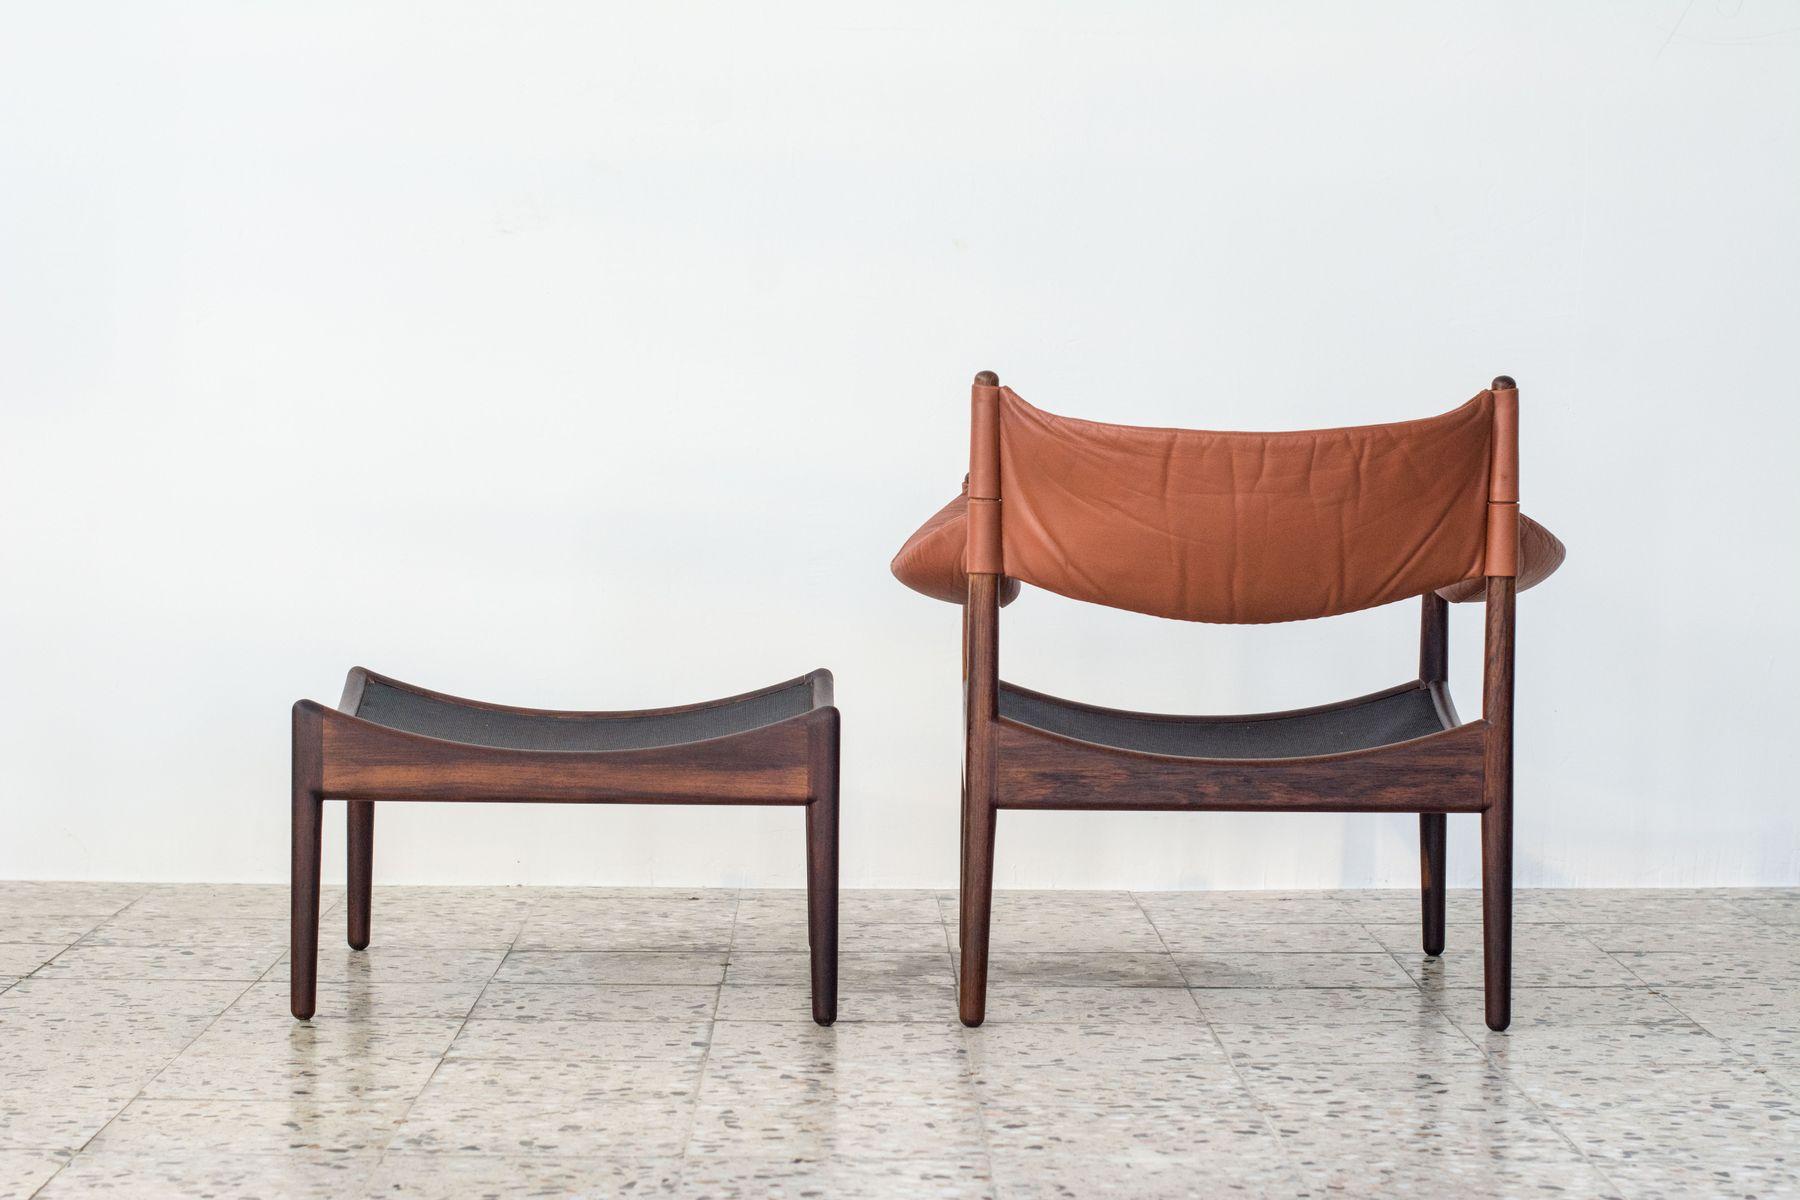 vintage modus palisander sessel ottomane von kristian vedel f r s ren willadsen bei pamono kaufen. Black Bedroom Furniture Sets. Home Design Ideas